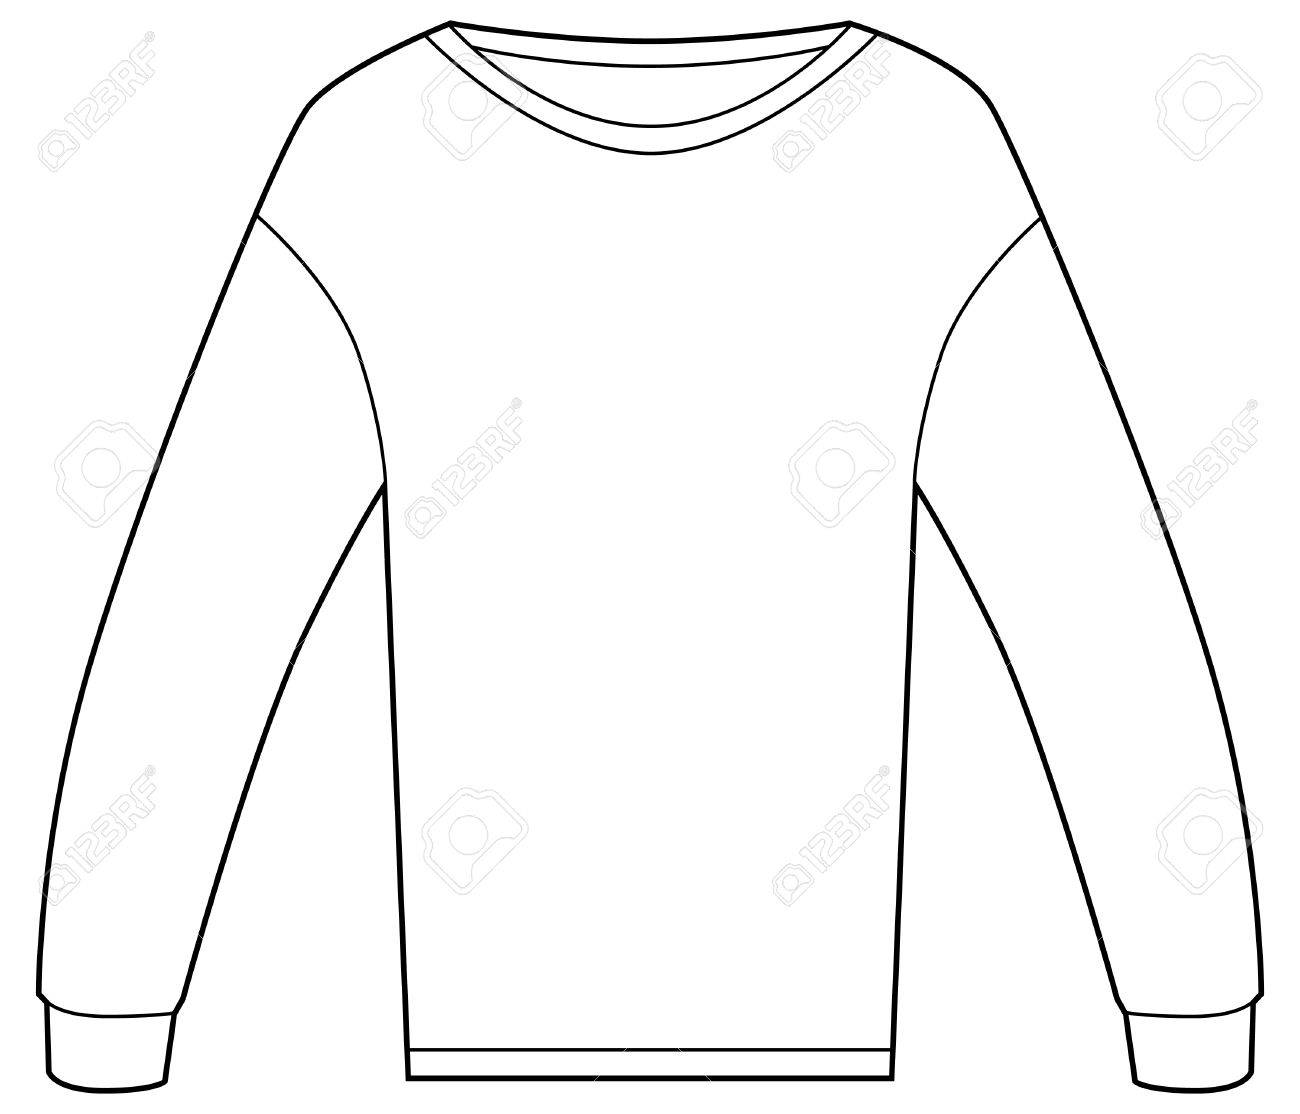 b680146373b8e7 Stockfoto - Thermisch overhemd dat op een witte achtergrond wordt geïsoleerd .